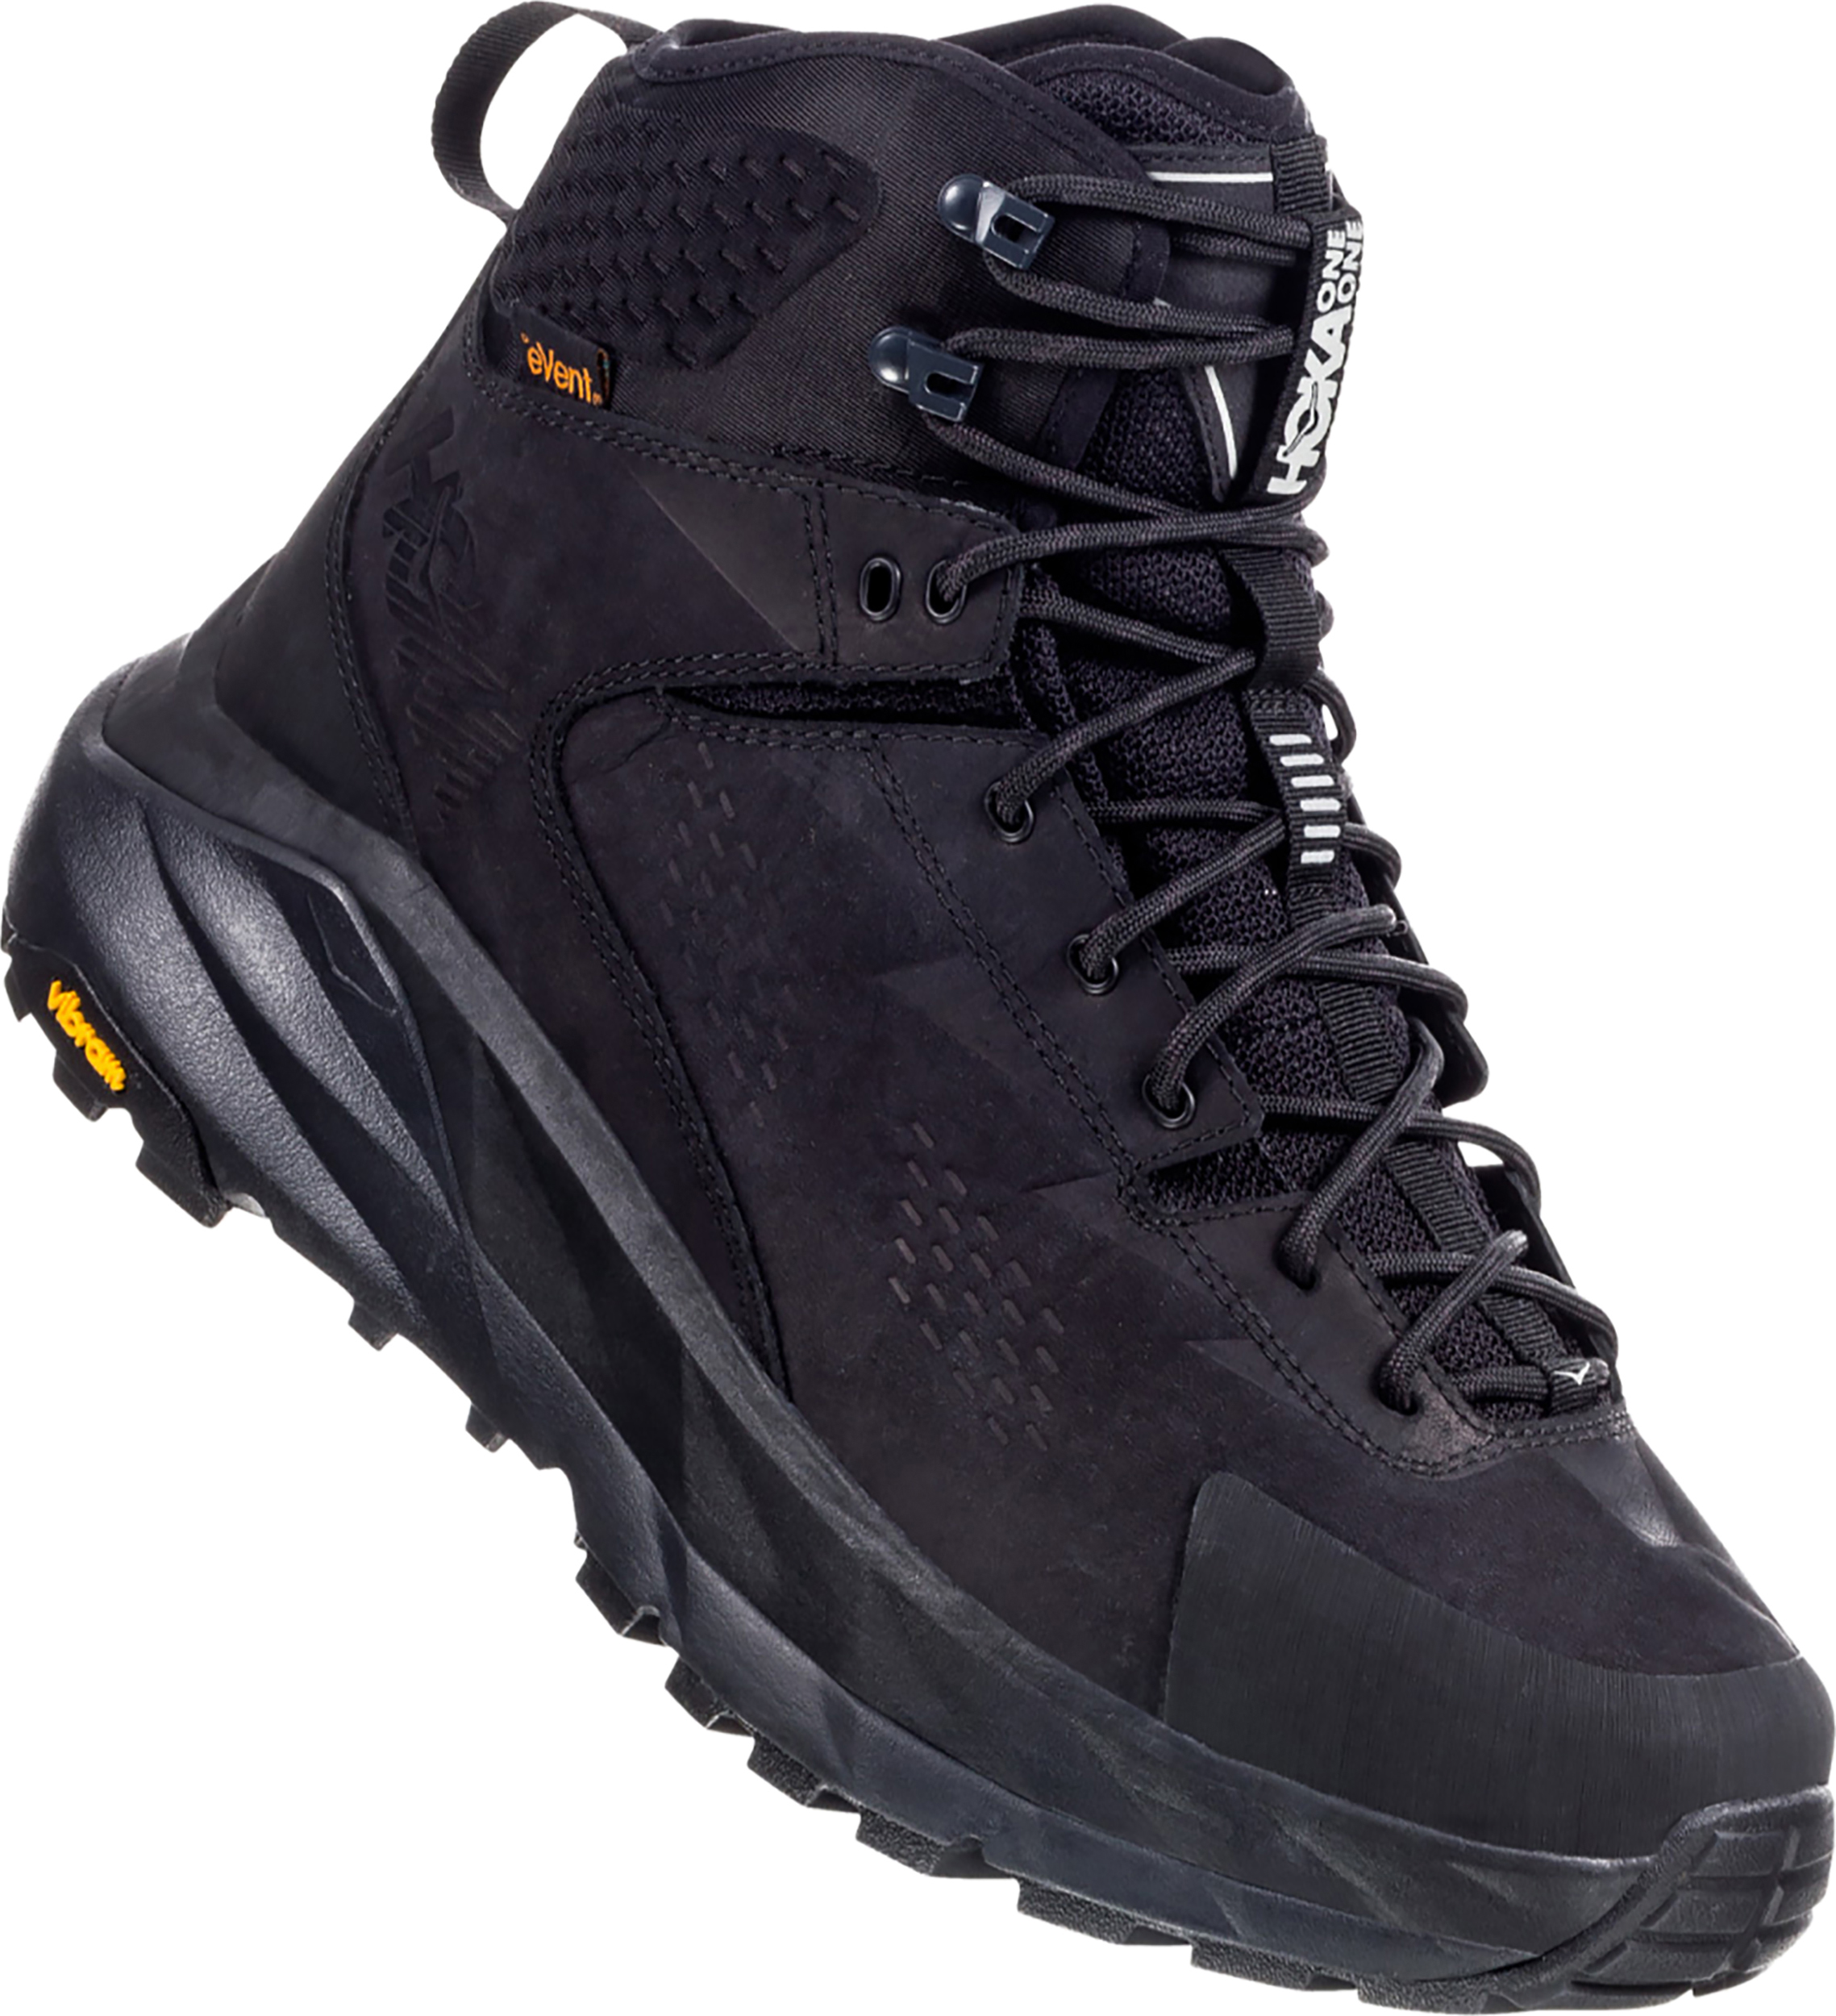 Hiking boots | MEC